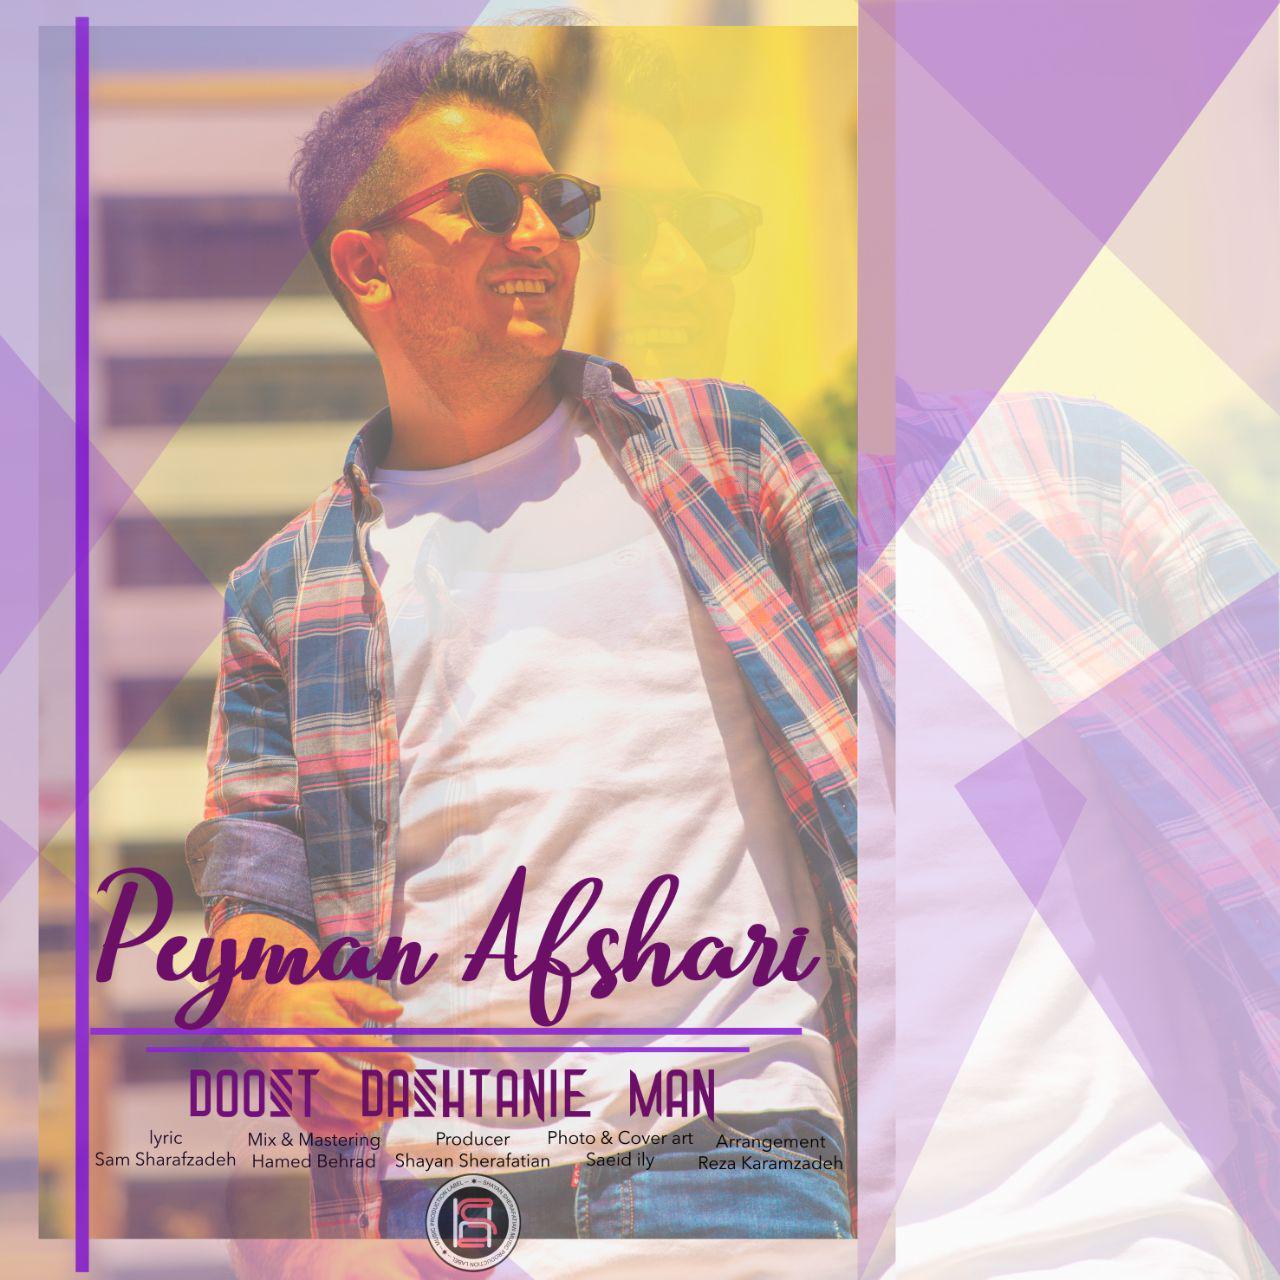 Peyman Afshari – Doost Dashtanie Man